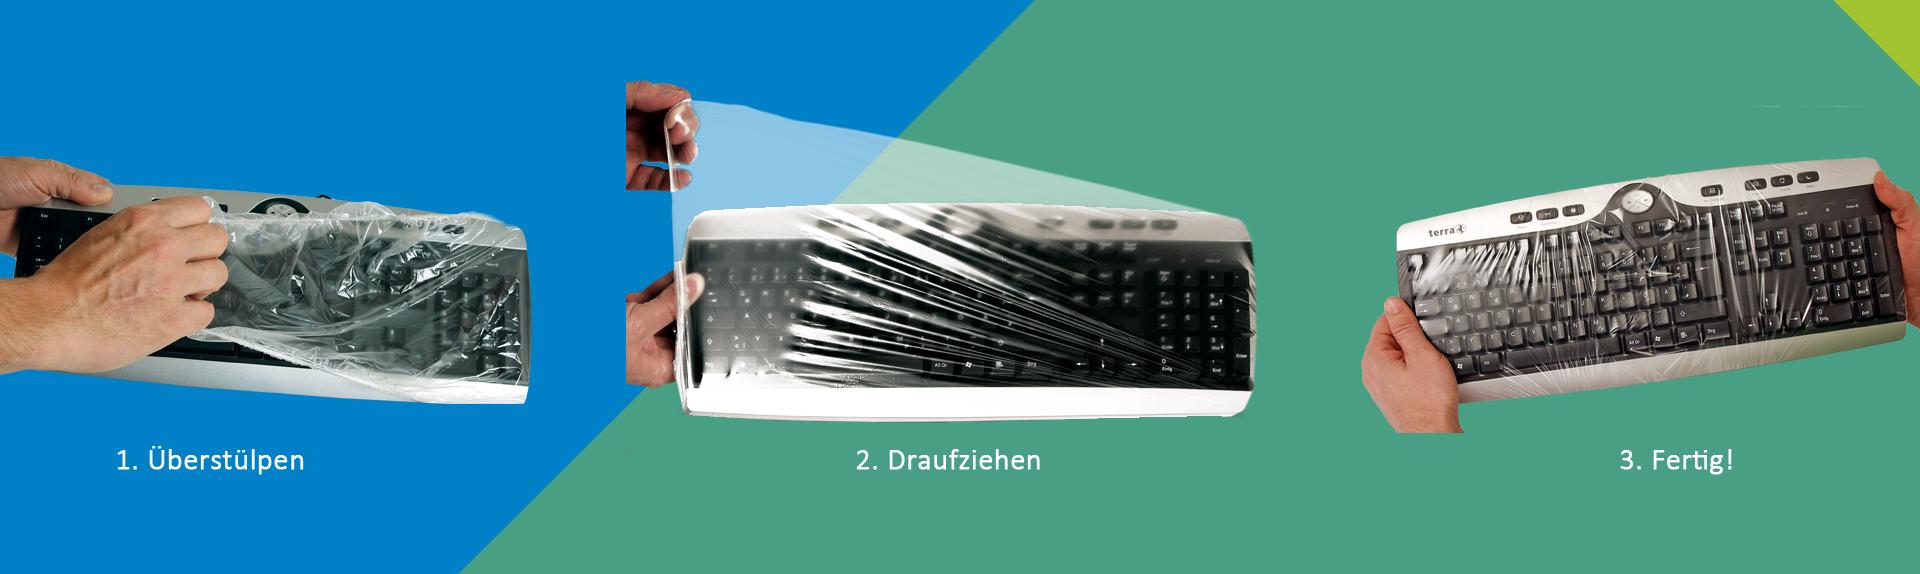 Tastatur_Schutzfolie_UNI-FLEX_Anwendungsbeispiel_e-medic